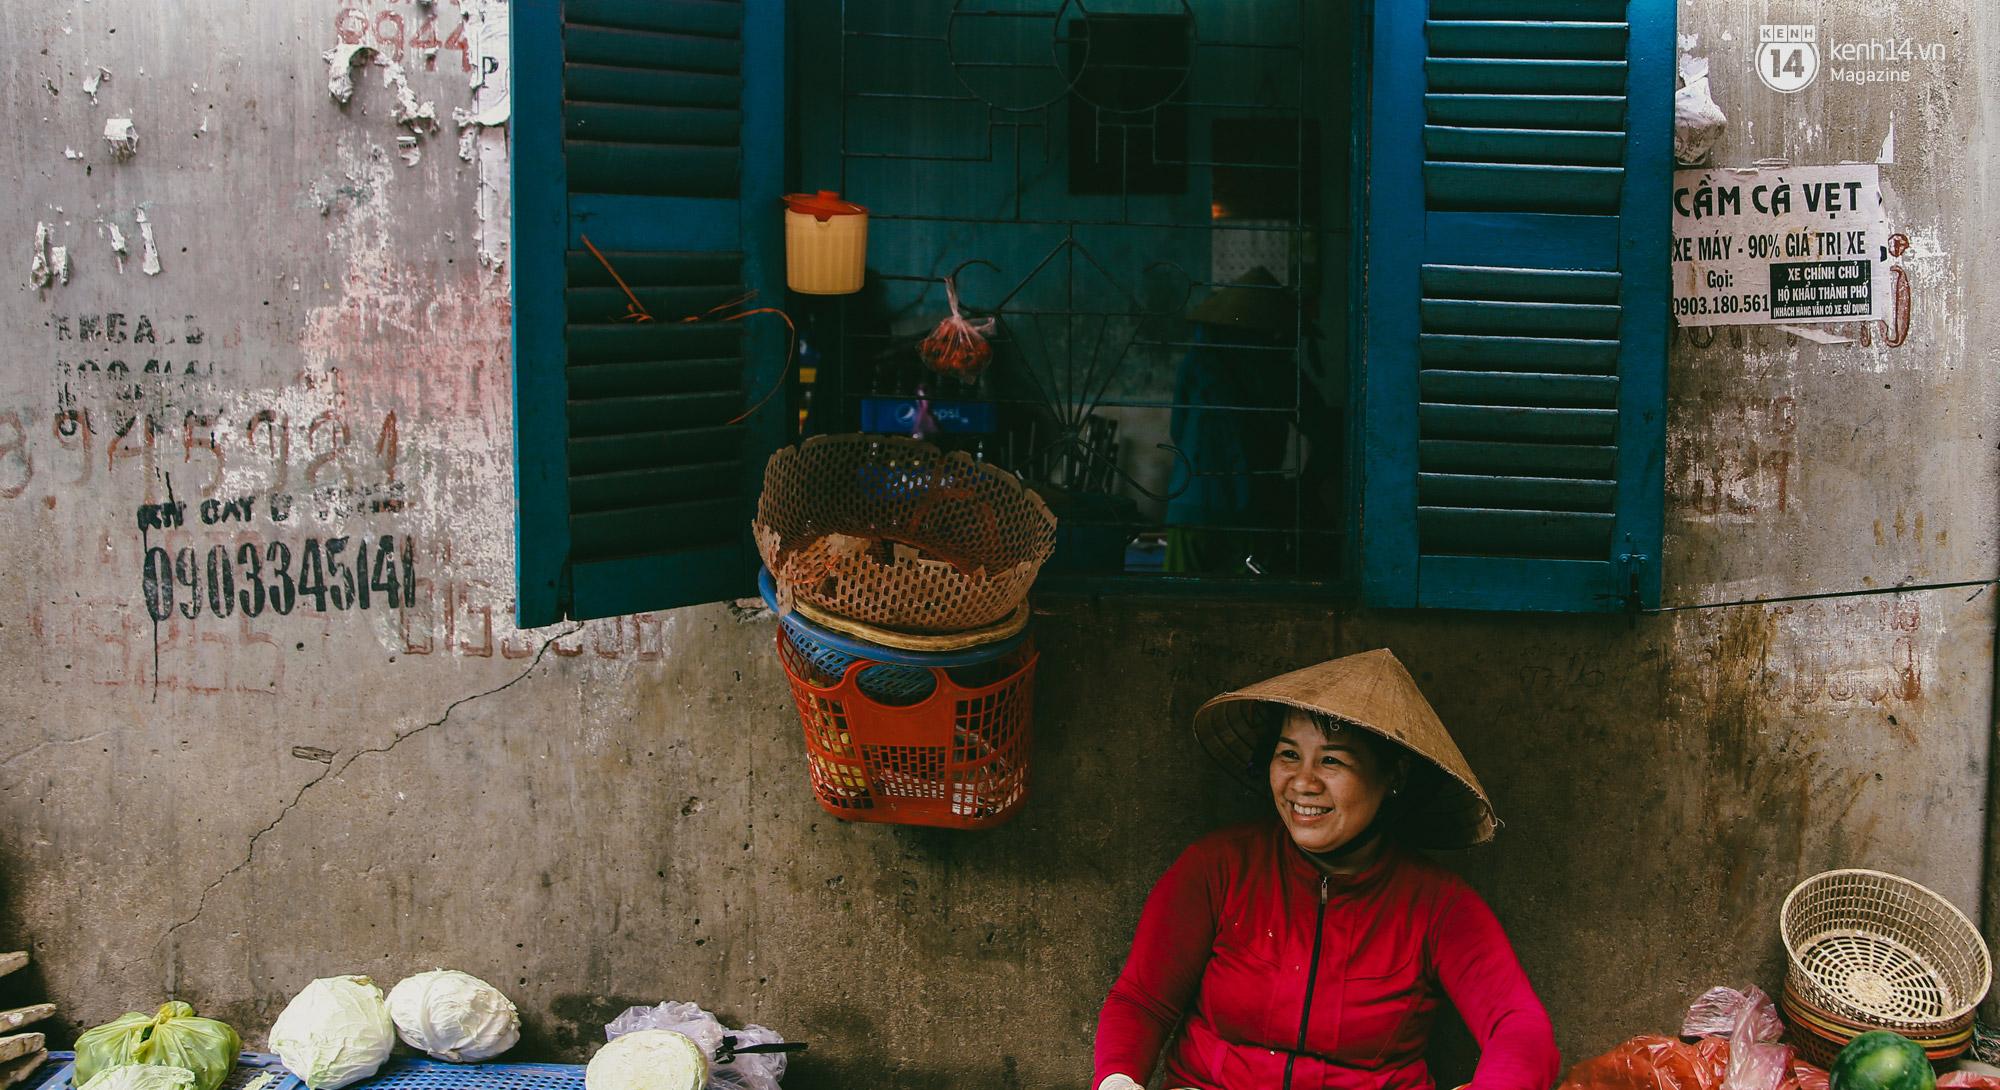 Người miền Trung ở Sài Gòn, nhớ quê thì tới chợ Bà Hoa để nghe những chi, mô, rứa, hè thật thân thương... - Ảnh 14.